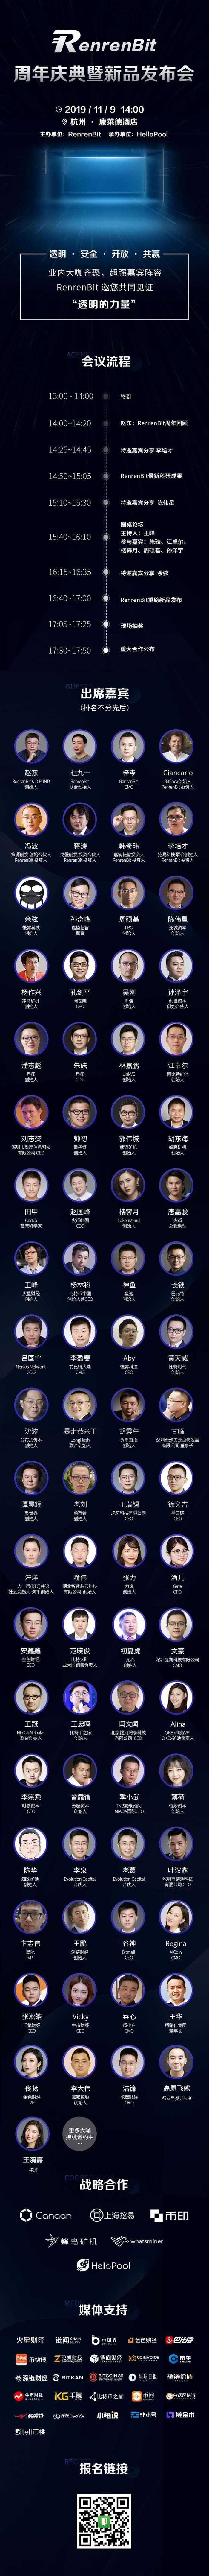 RenrenBit周年庆-主海报最终-活动行.jpg